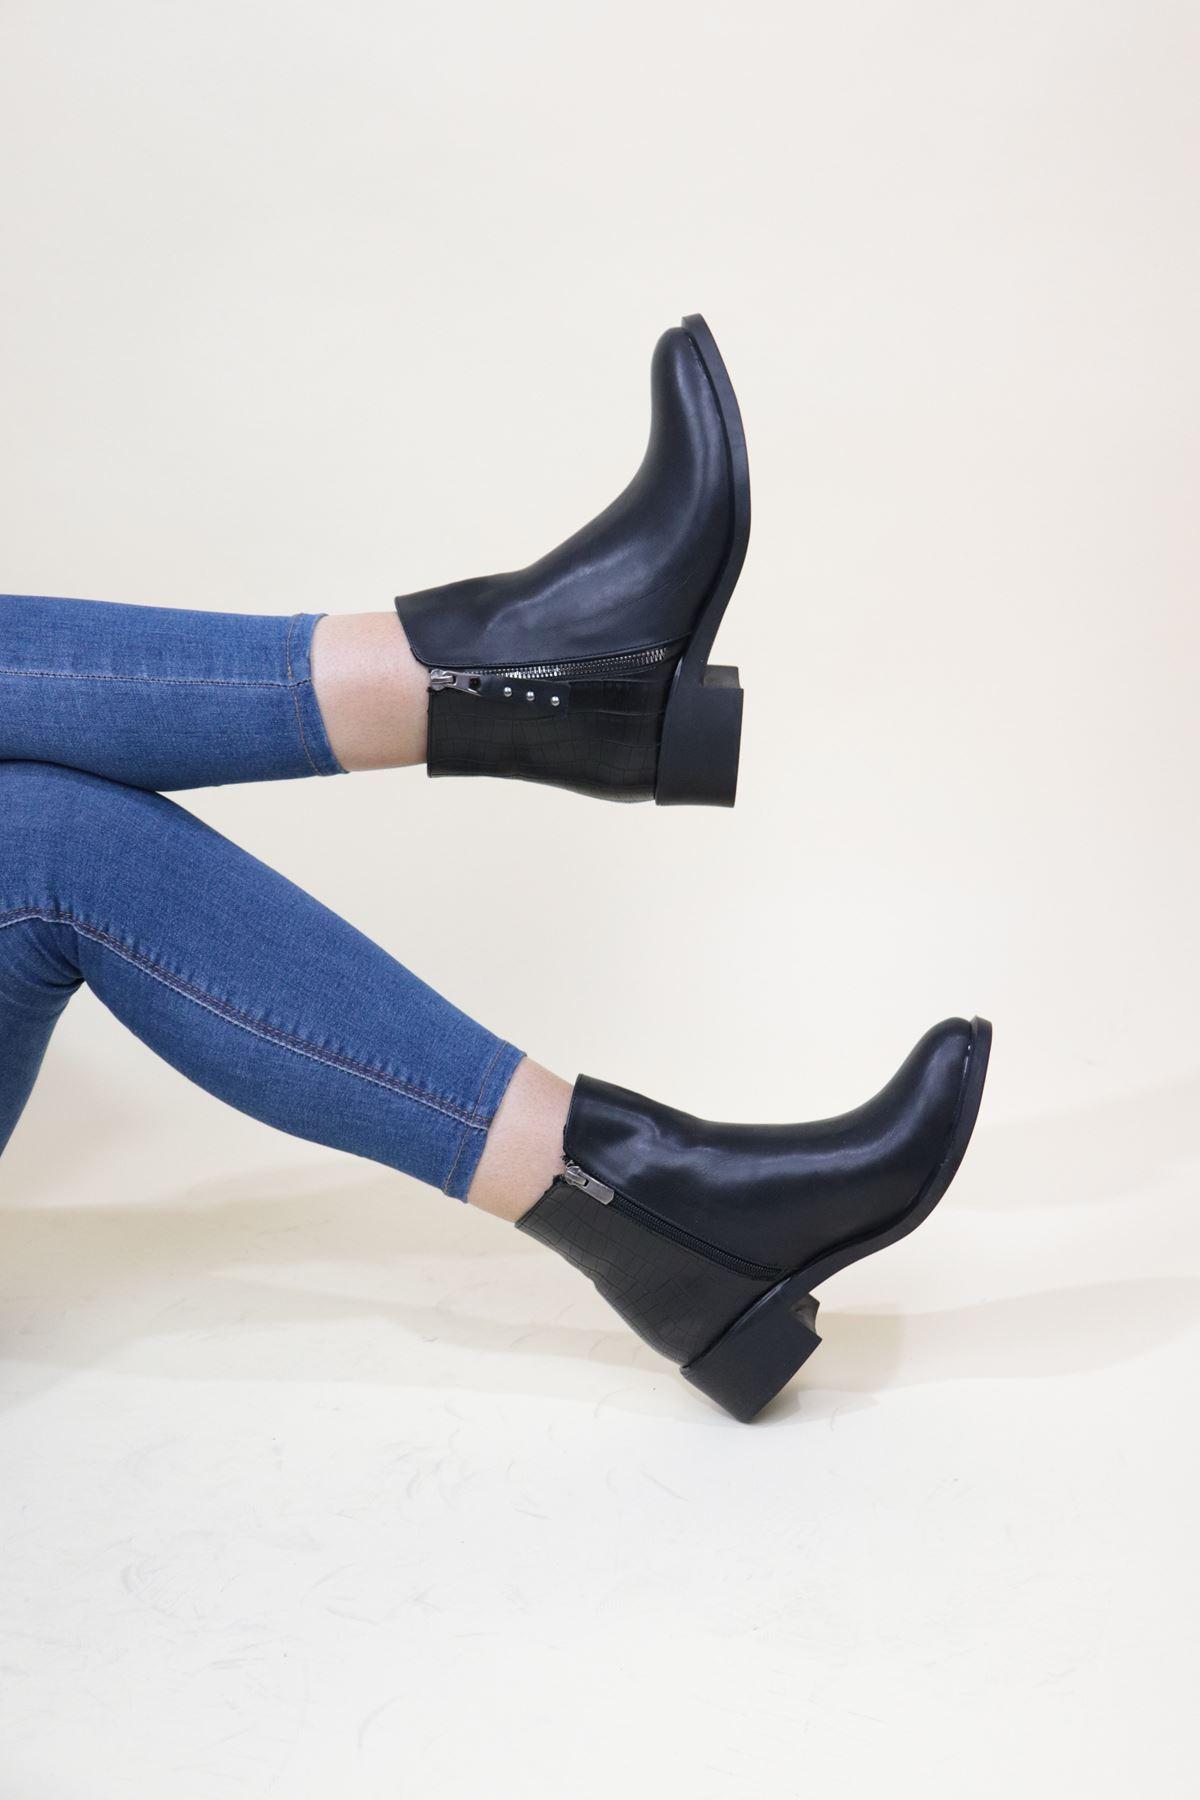 Trendayakkabı - Yanı Fermuar Detaylı Kadın Bot